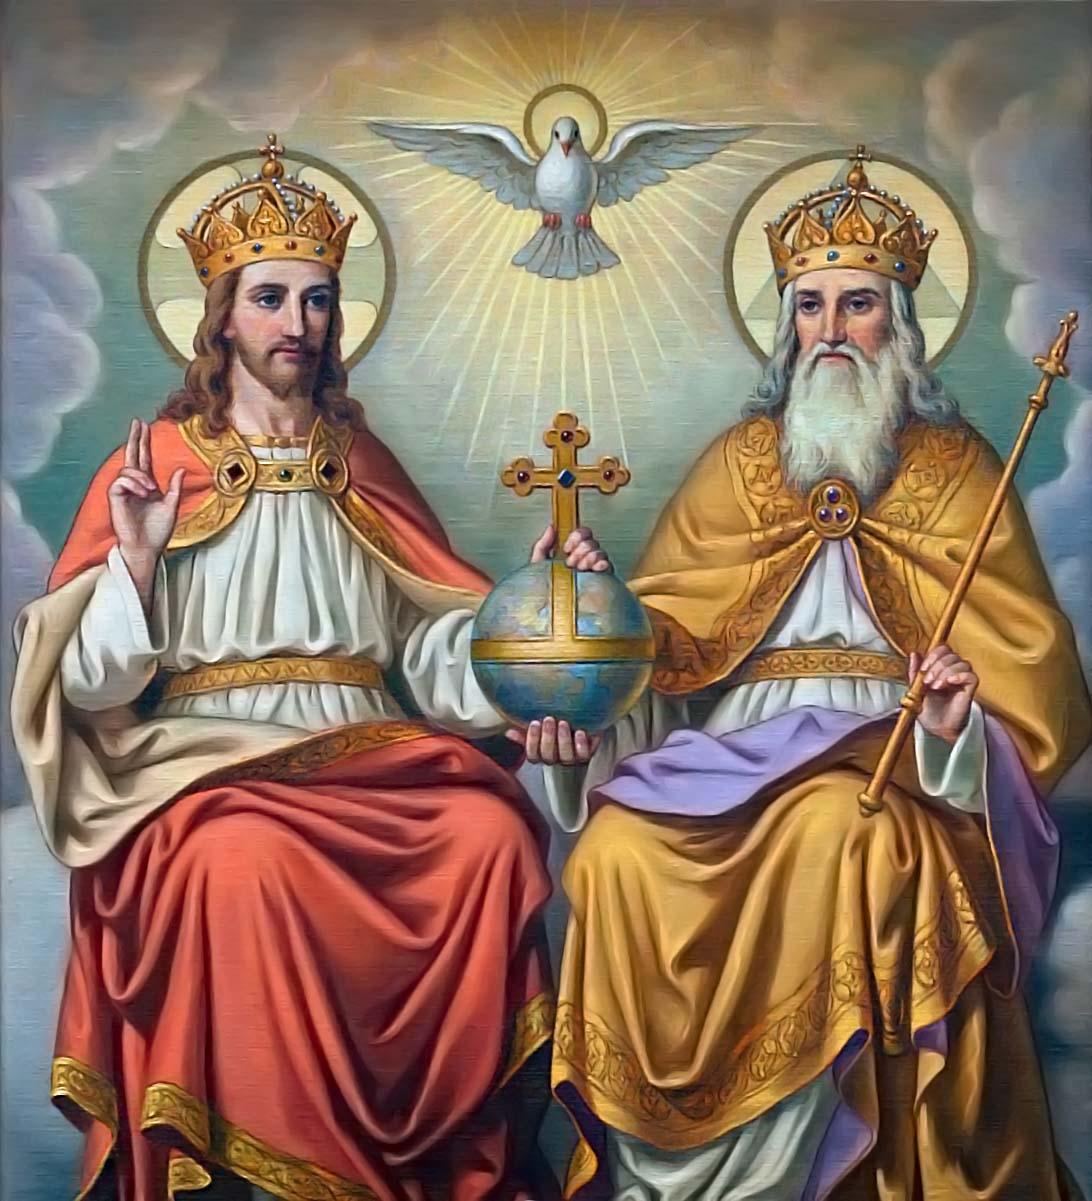 икона святой дух картинка твой день